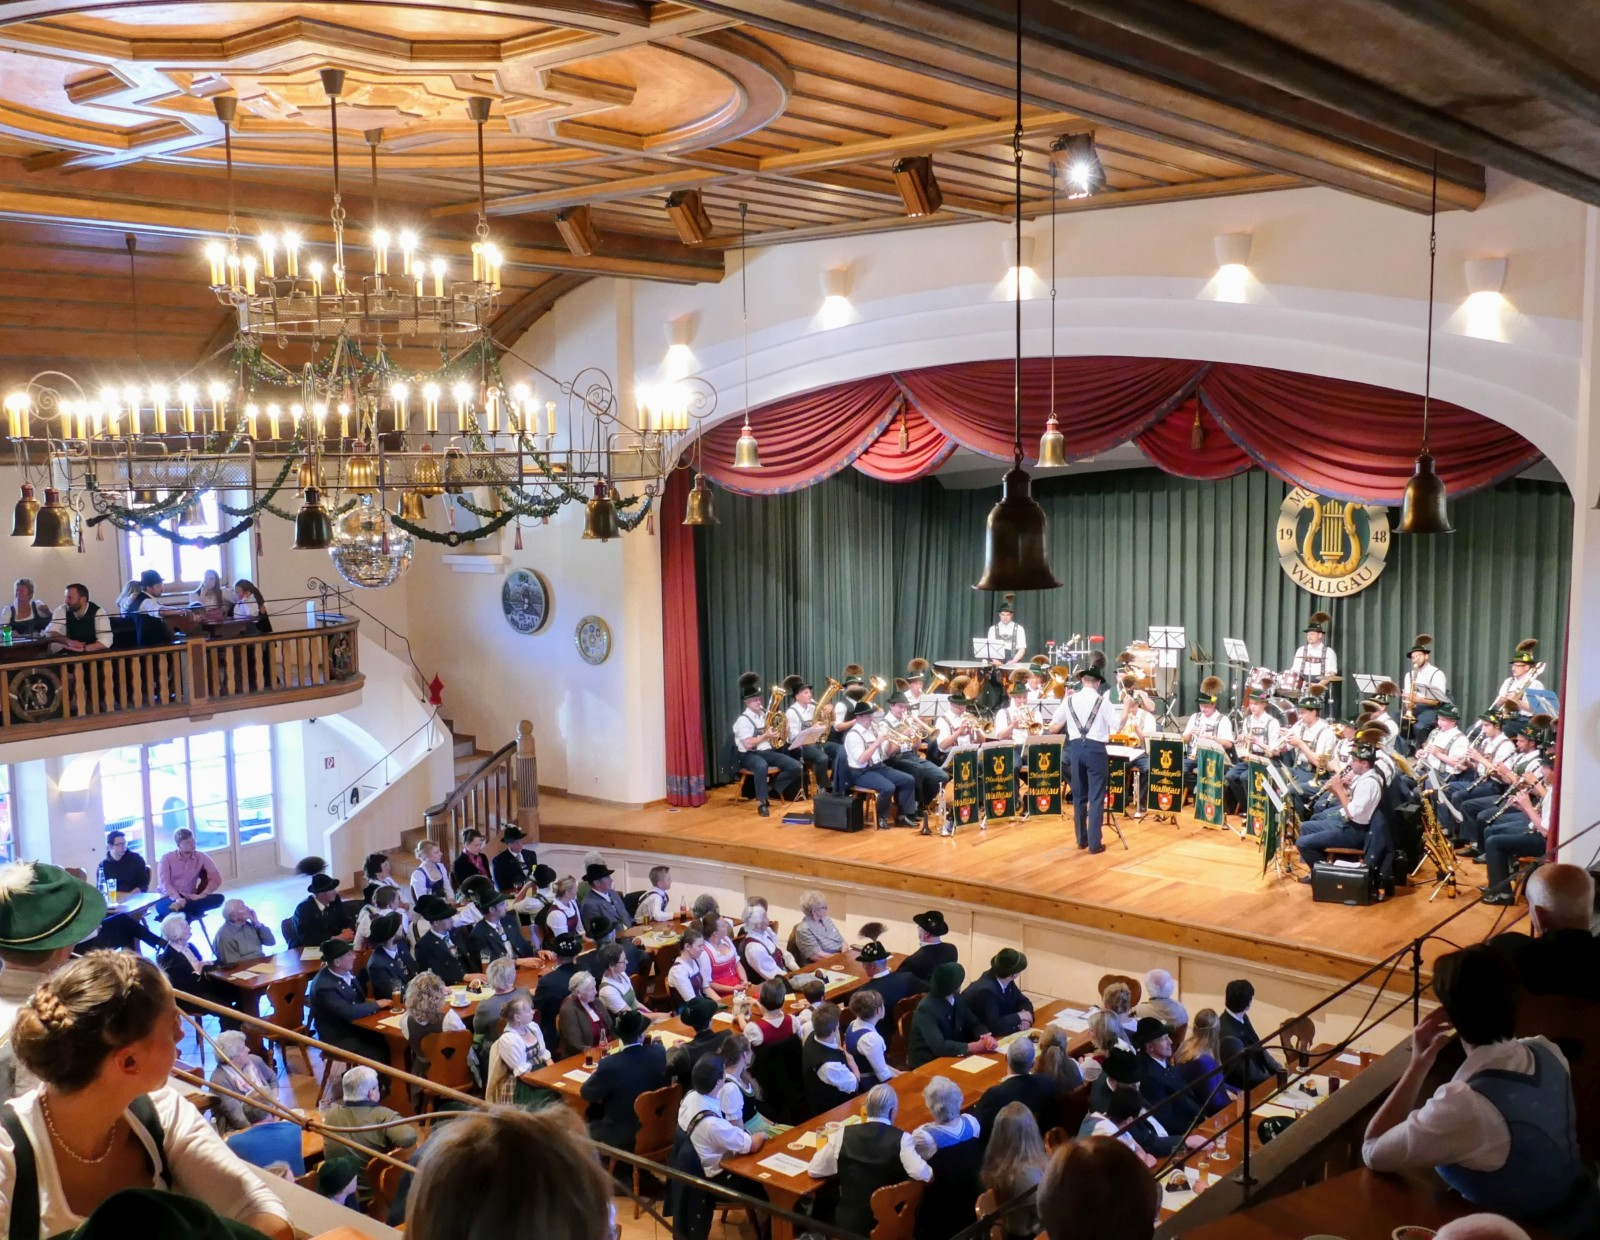 Osterkonzert der Musikkapelle Wallgau easter concert with the Wallgau Brass Band